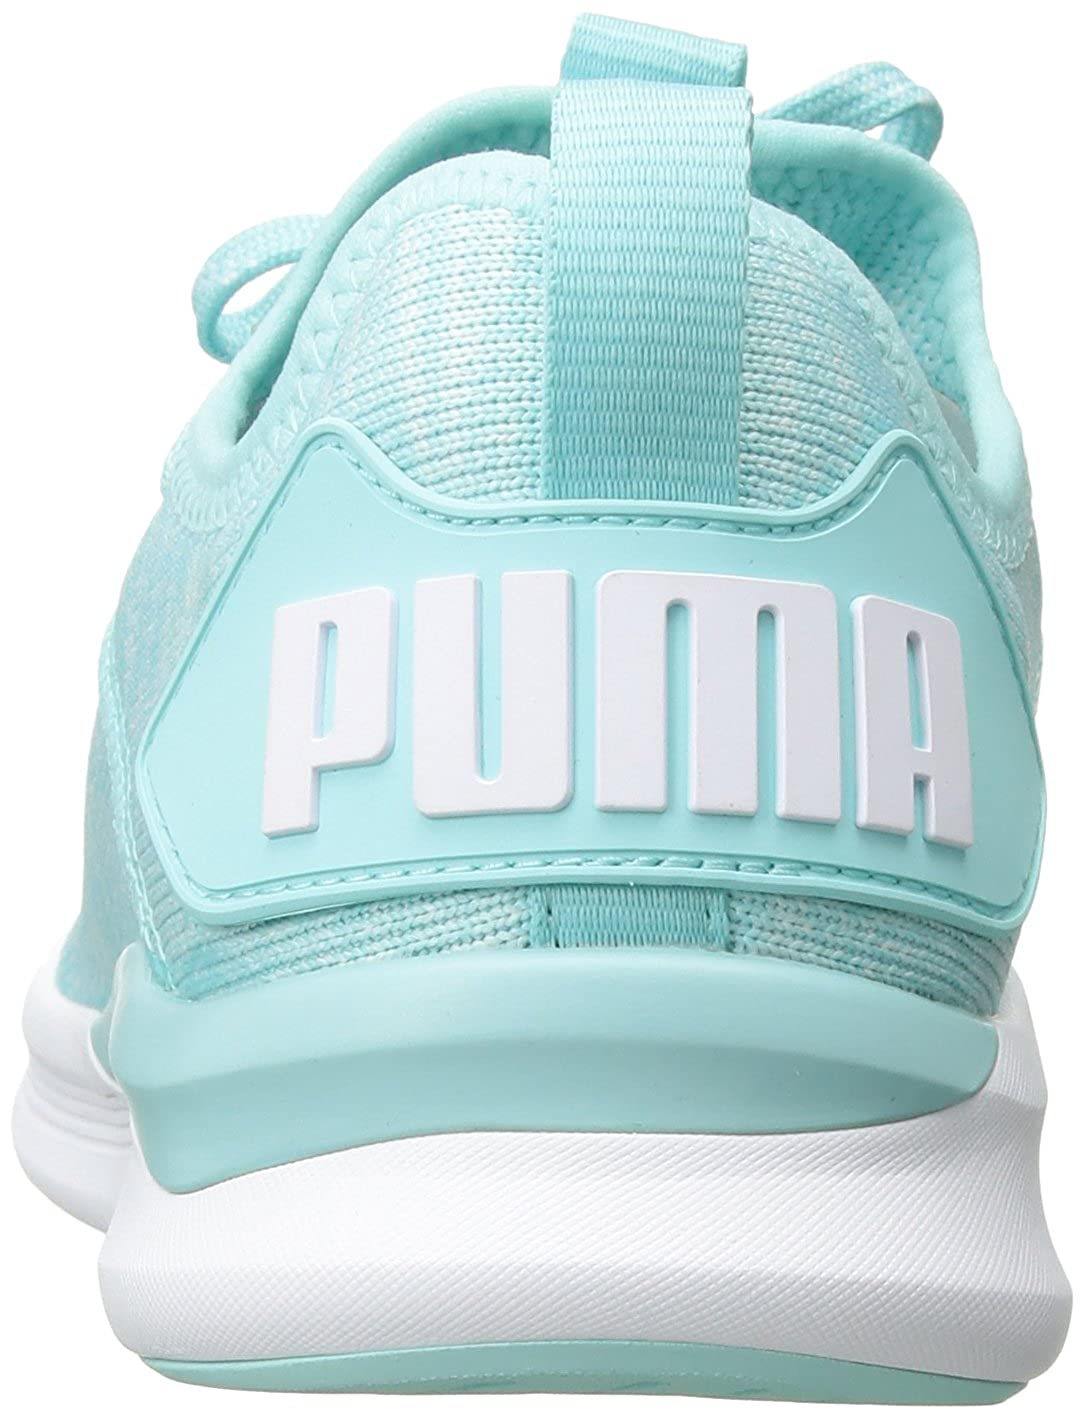 Puma Ignite Flash Evoknit Wn's, Scape per Sport Outdoor Donna Donna Donna | Prodotti di alta qualità  6a4f30